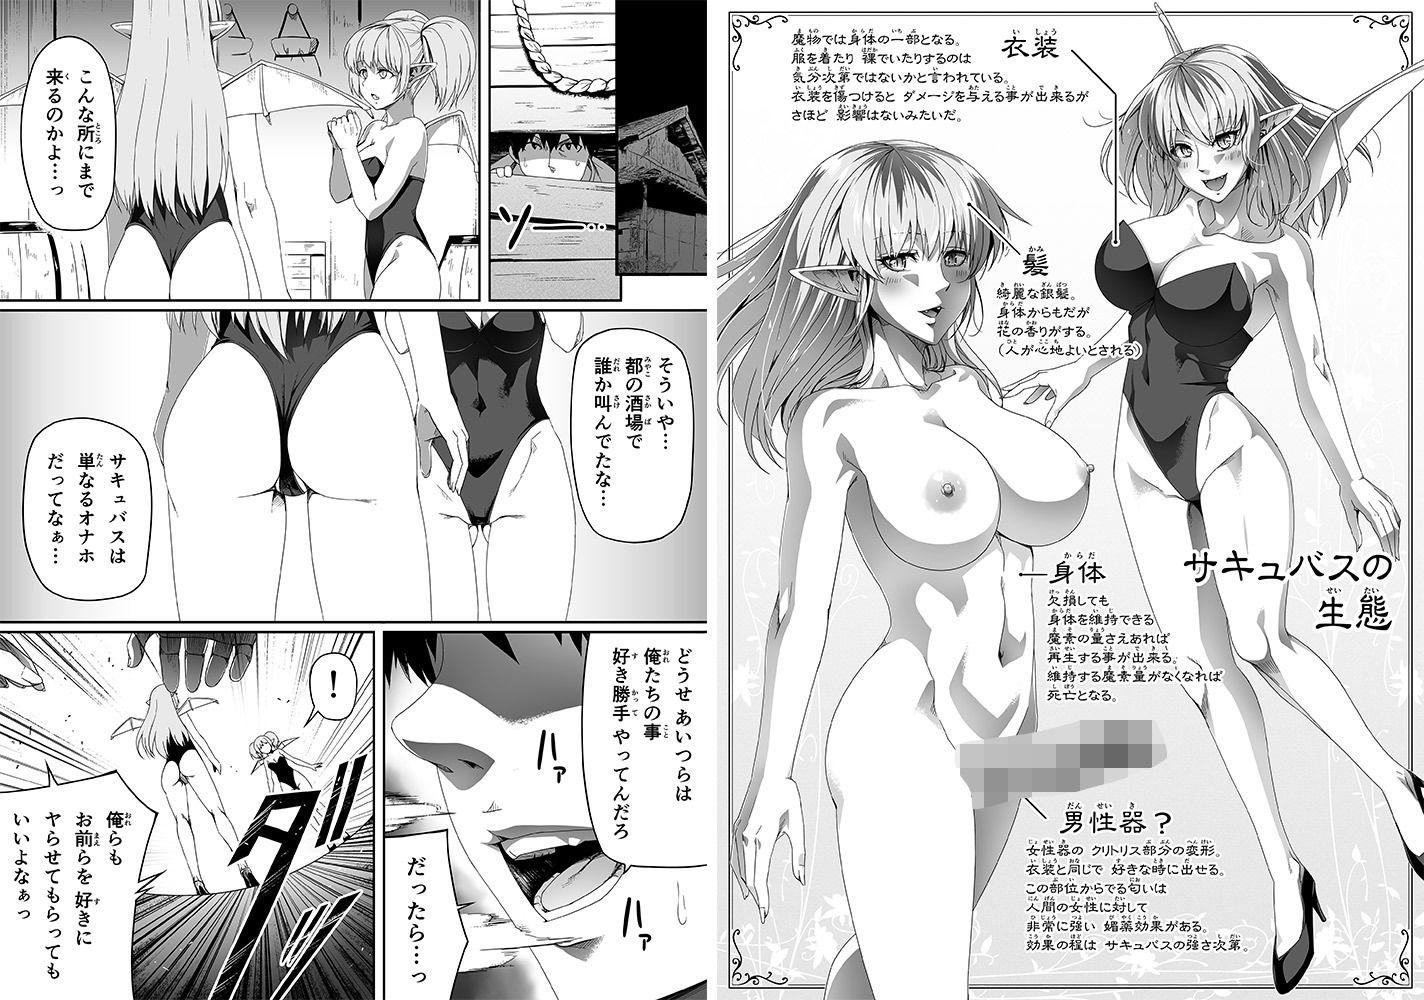 力あるサキュバスは性欲を満たしたいだけ2【同人エロ漫画】(Road=ロード=)1